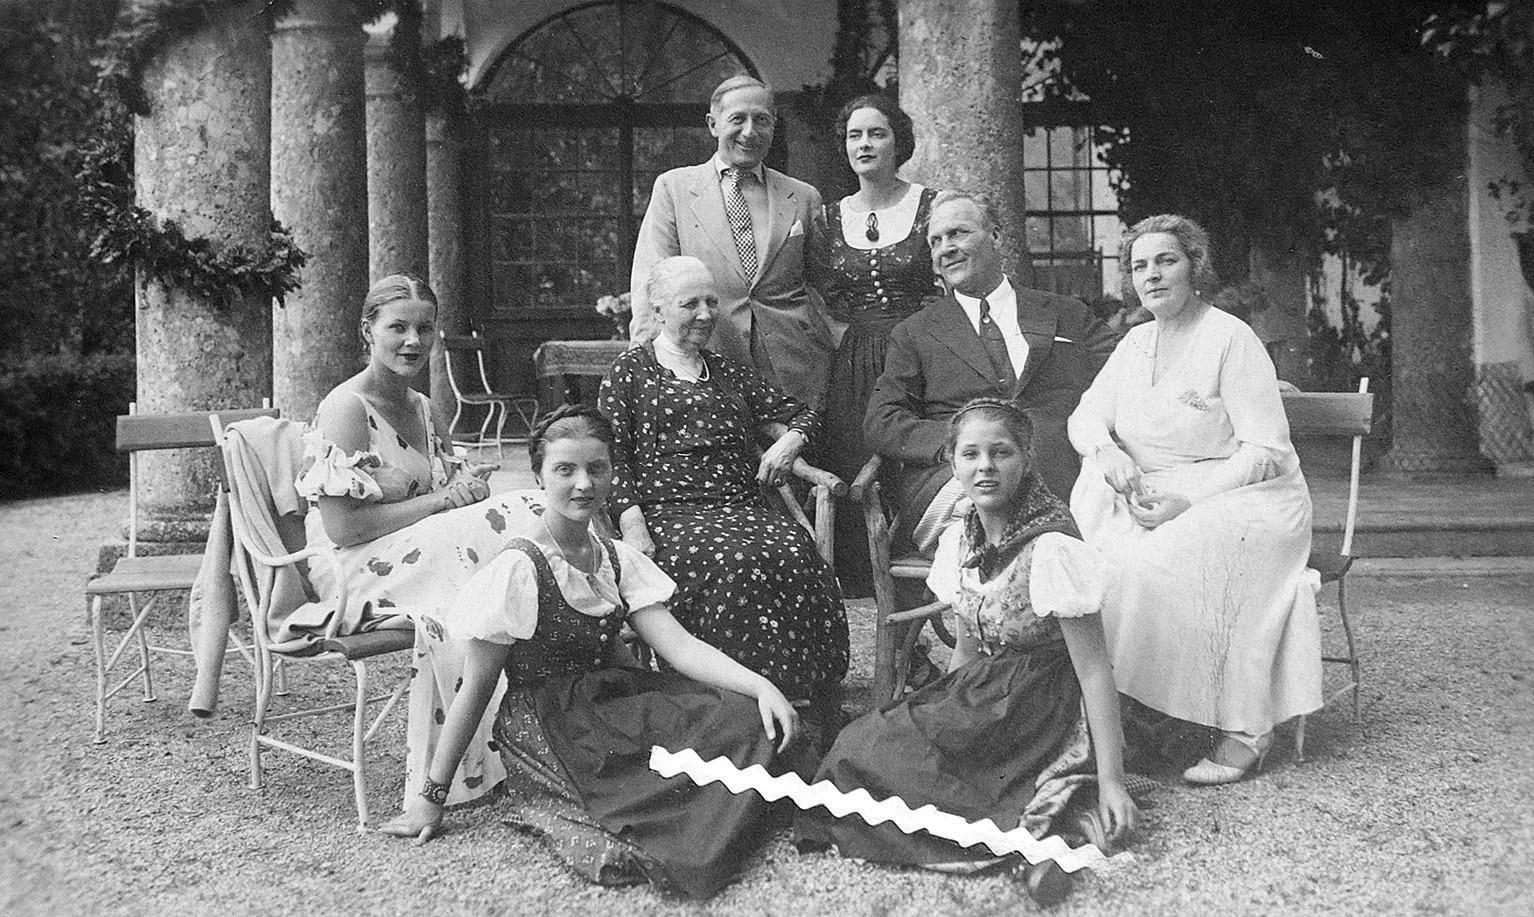 Семья Шаляпина. Тироль. Китцбюэль. 1934